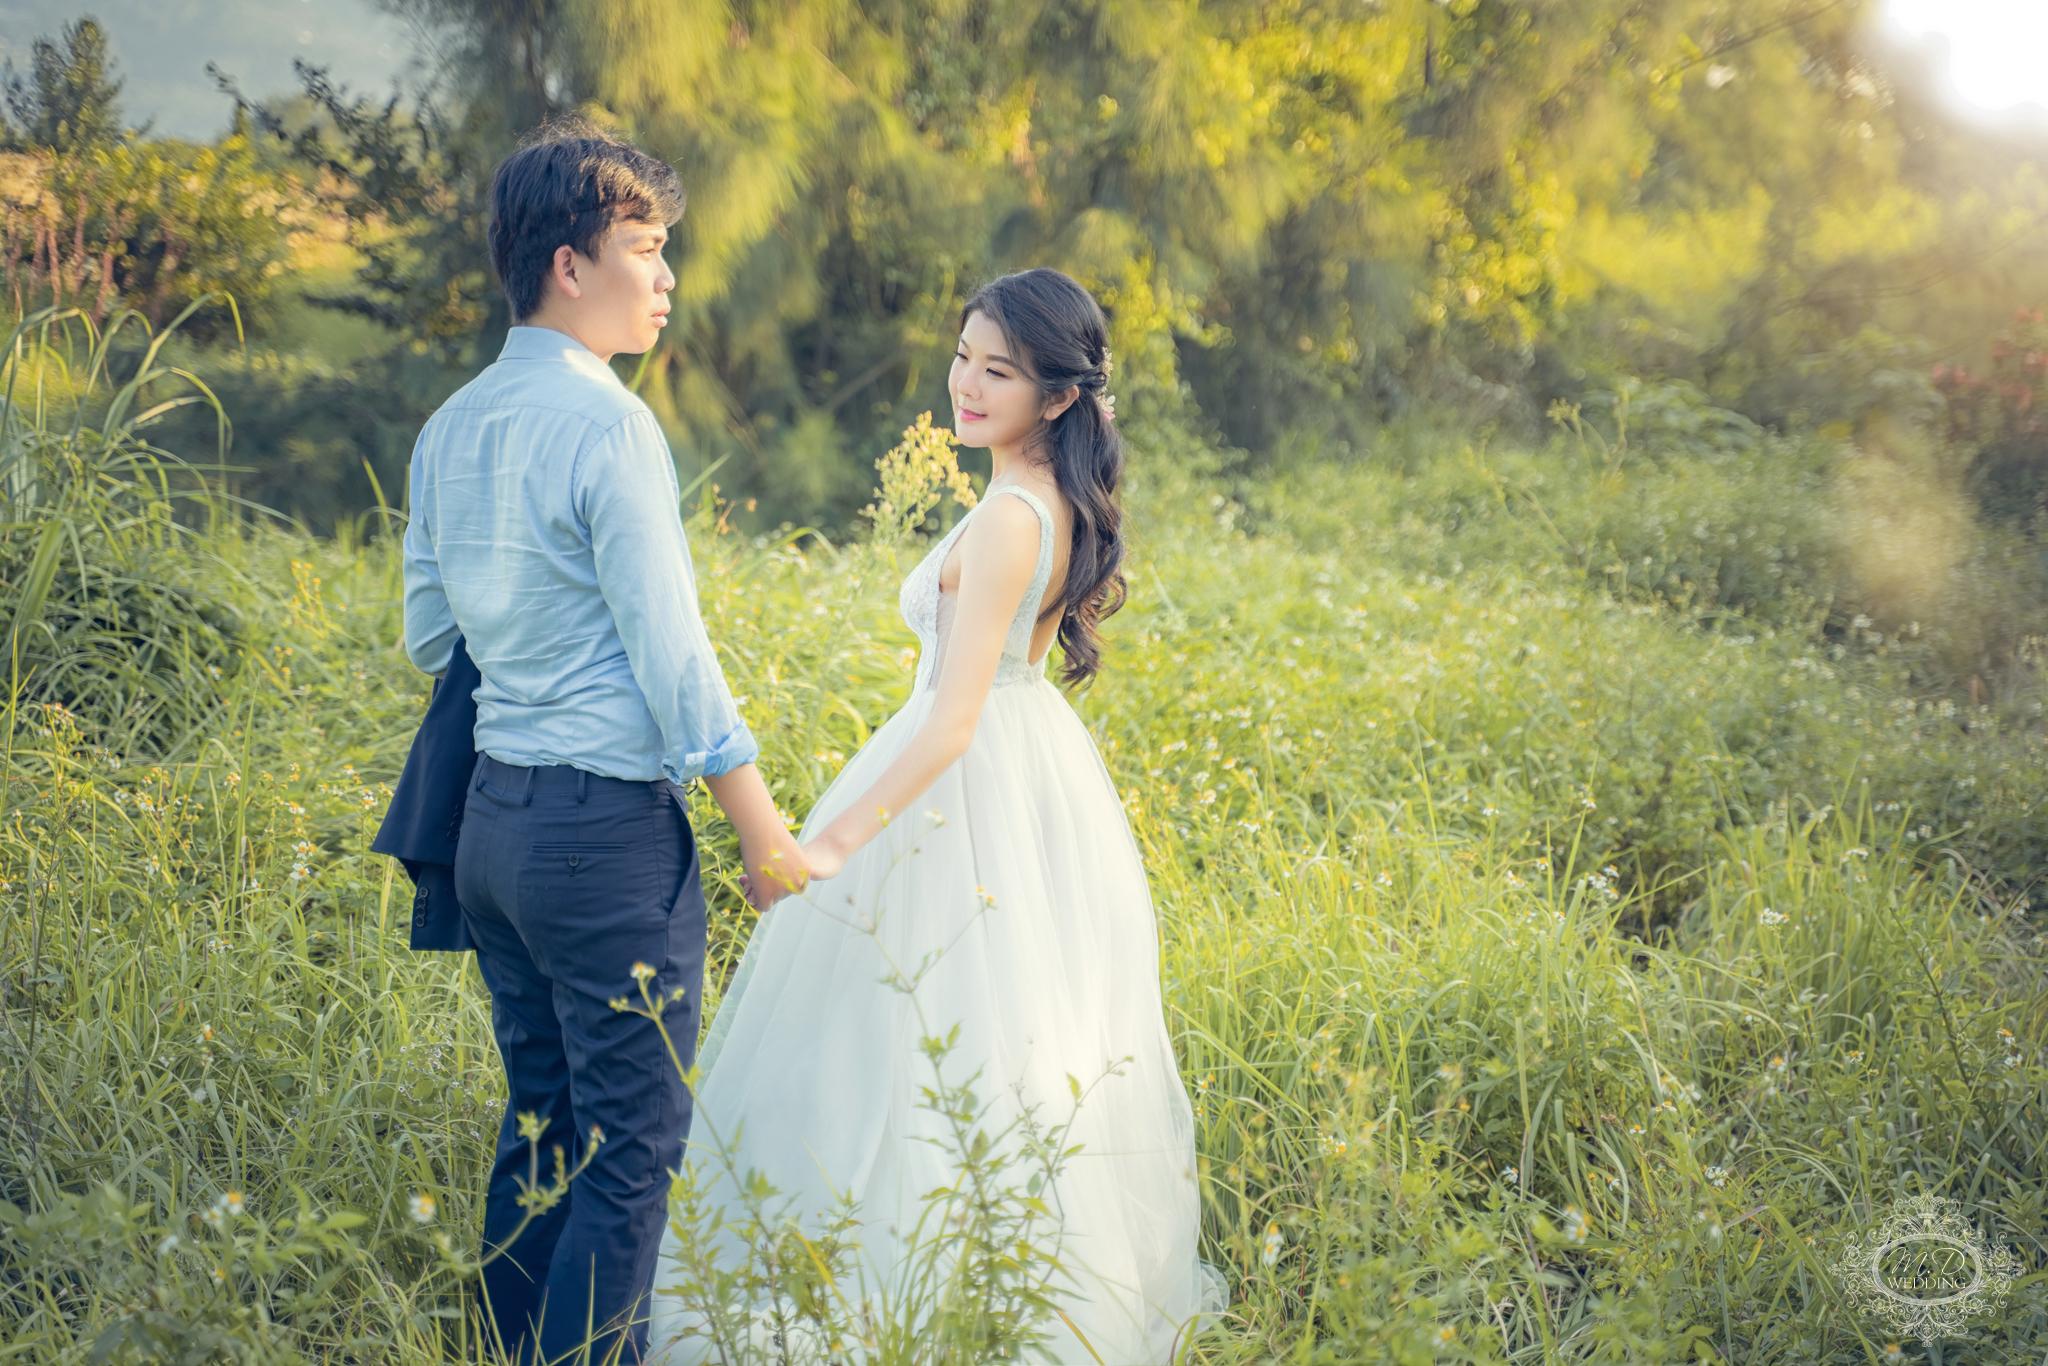 浪漫/甜美/自然/美式婚紗/海邊婚紗